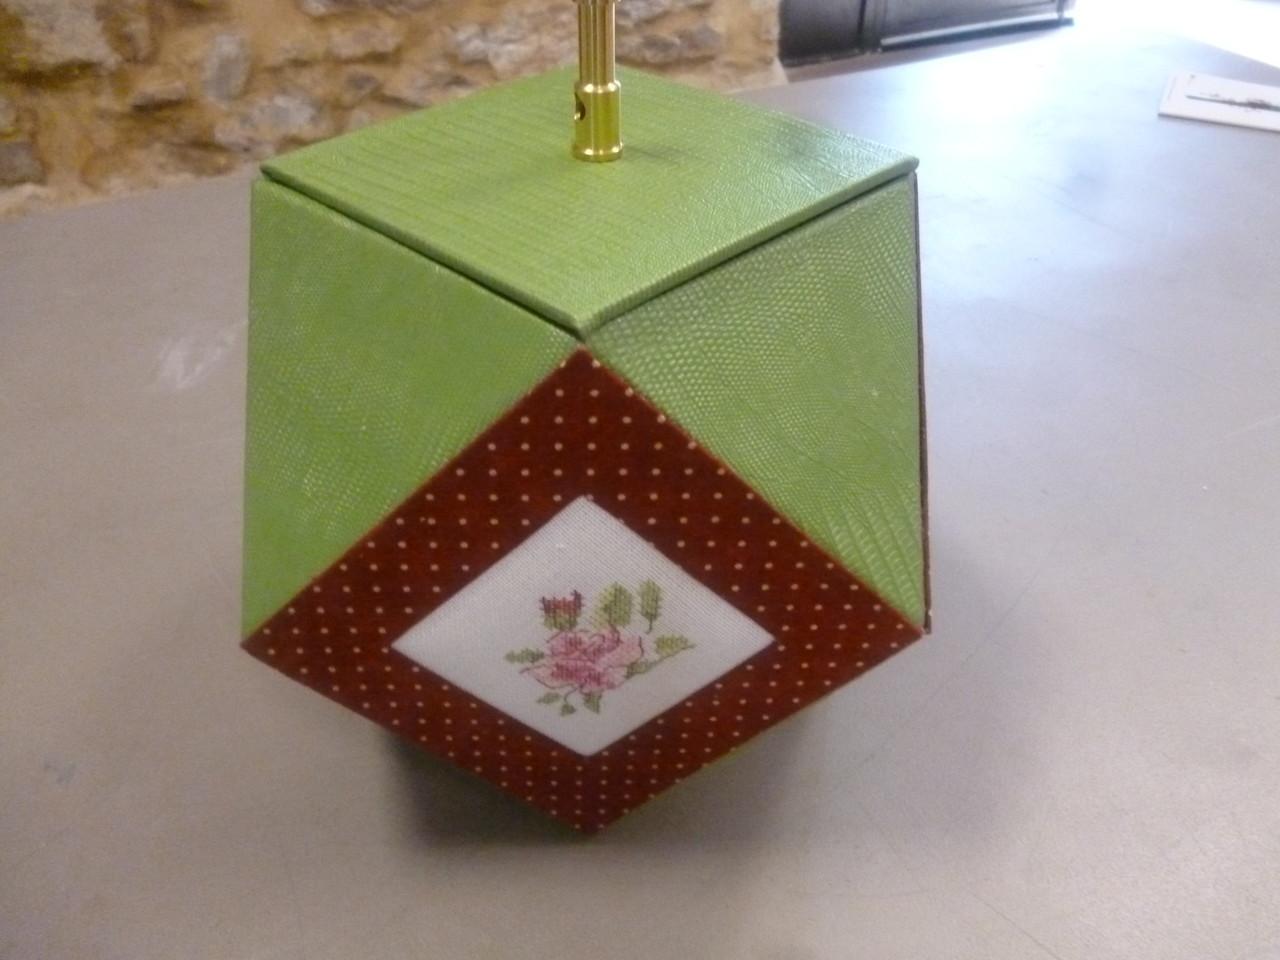 de claudie avec une broderie dans les angles des fleurs pour claudie